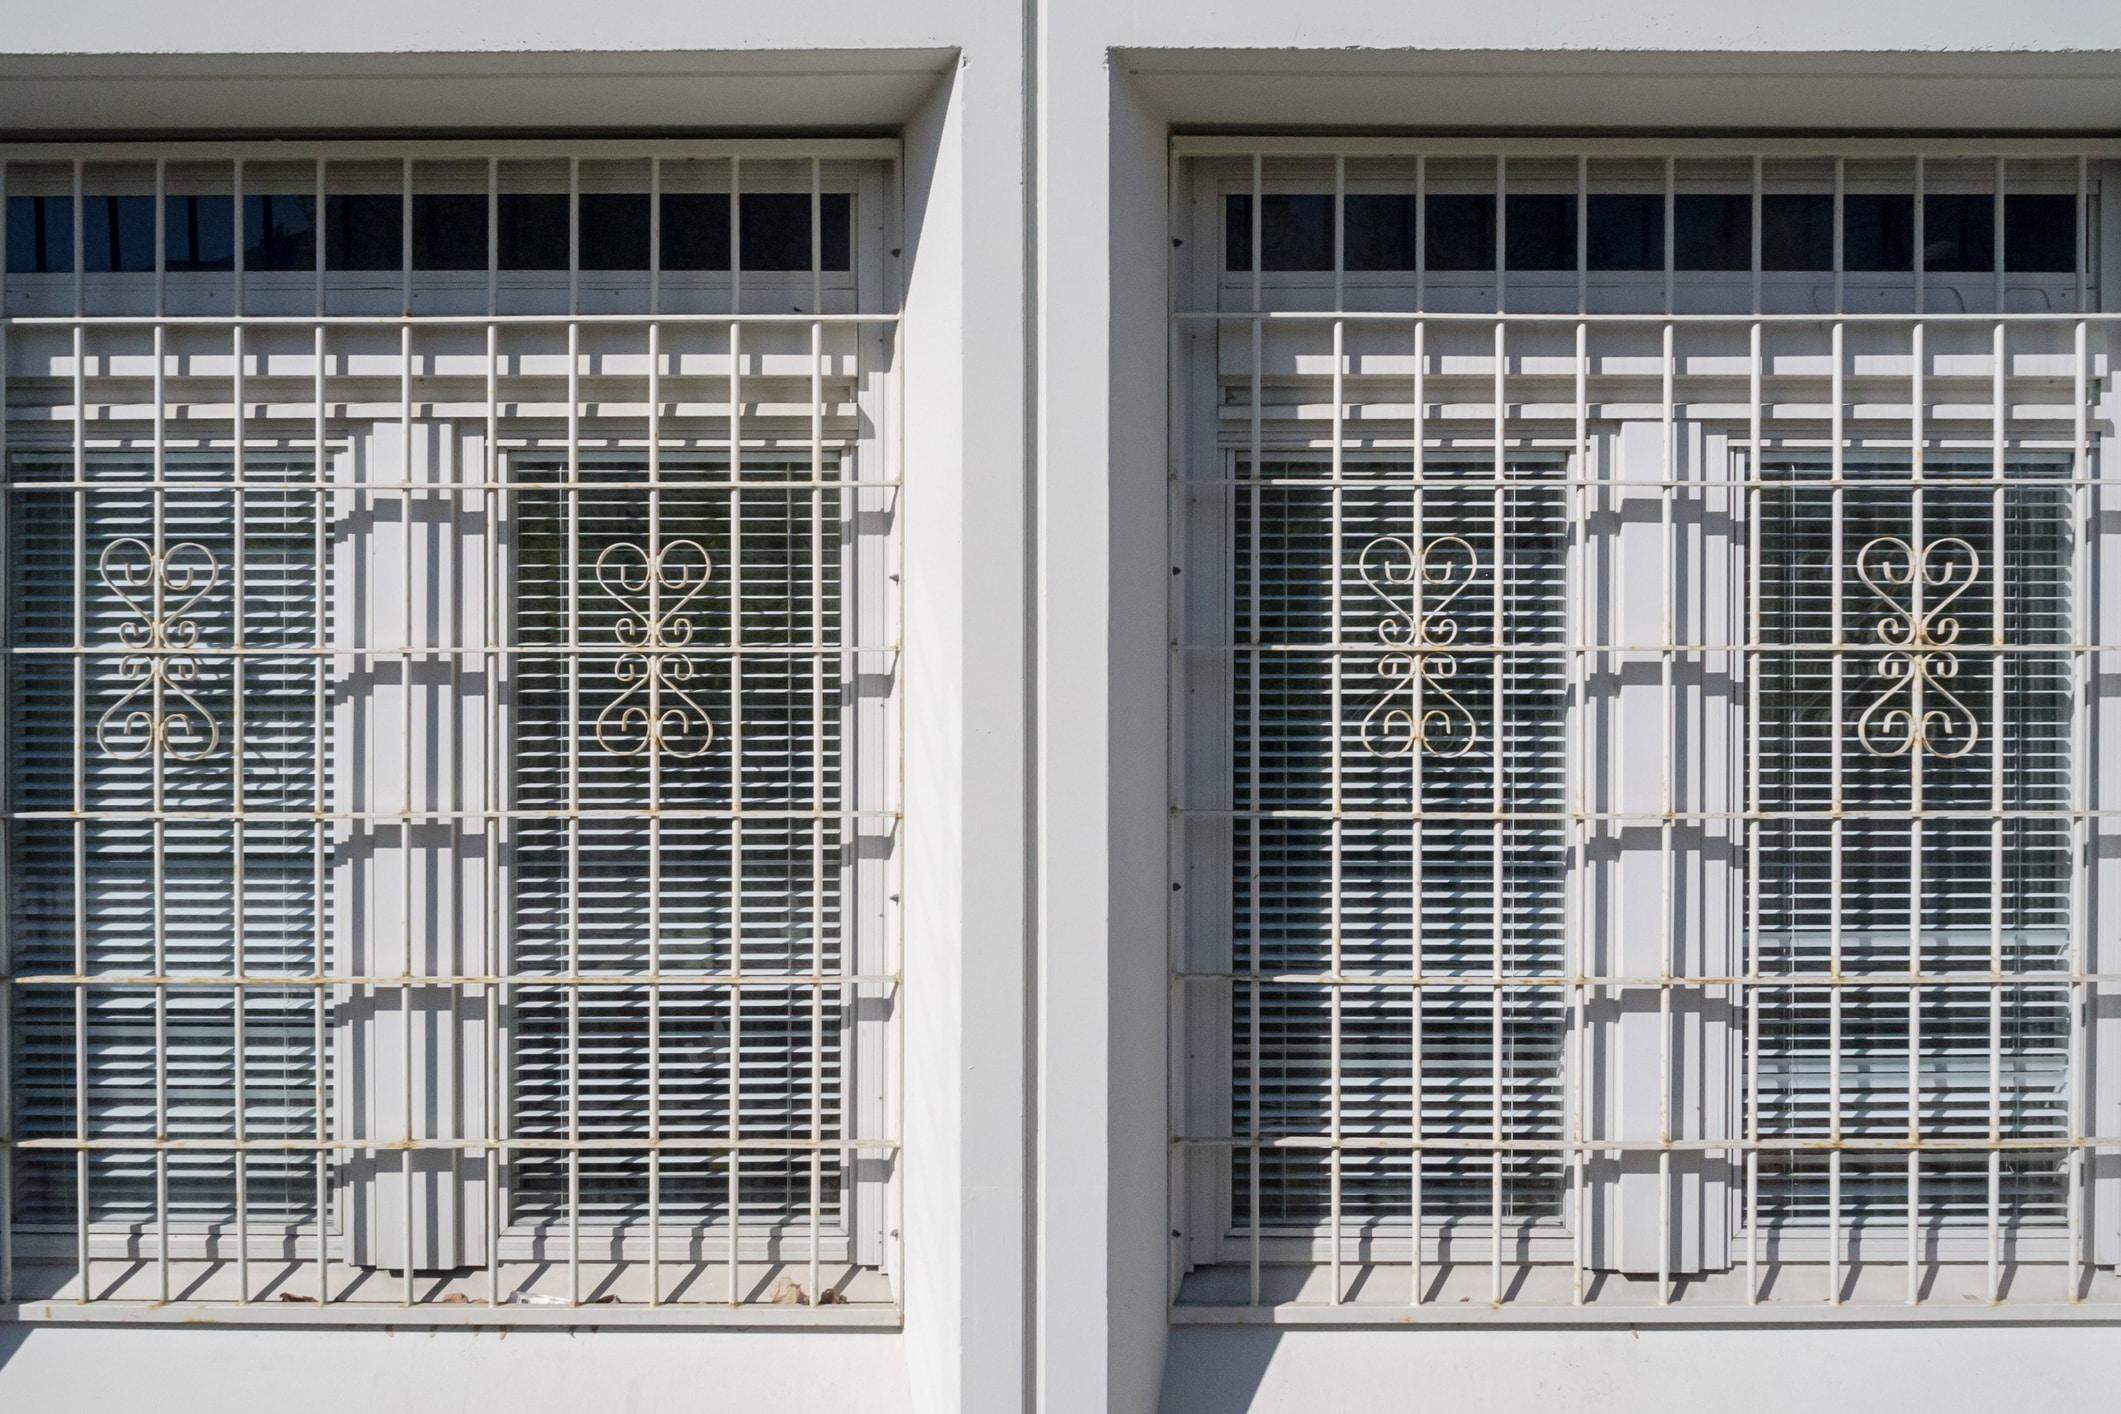 Des grilles de défense pour fenêtres